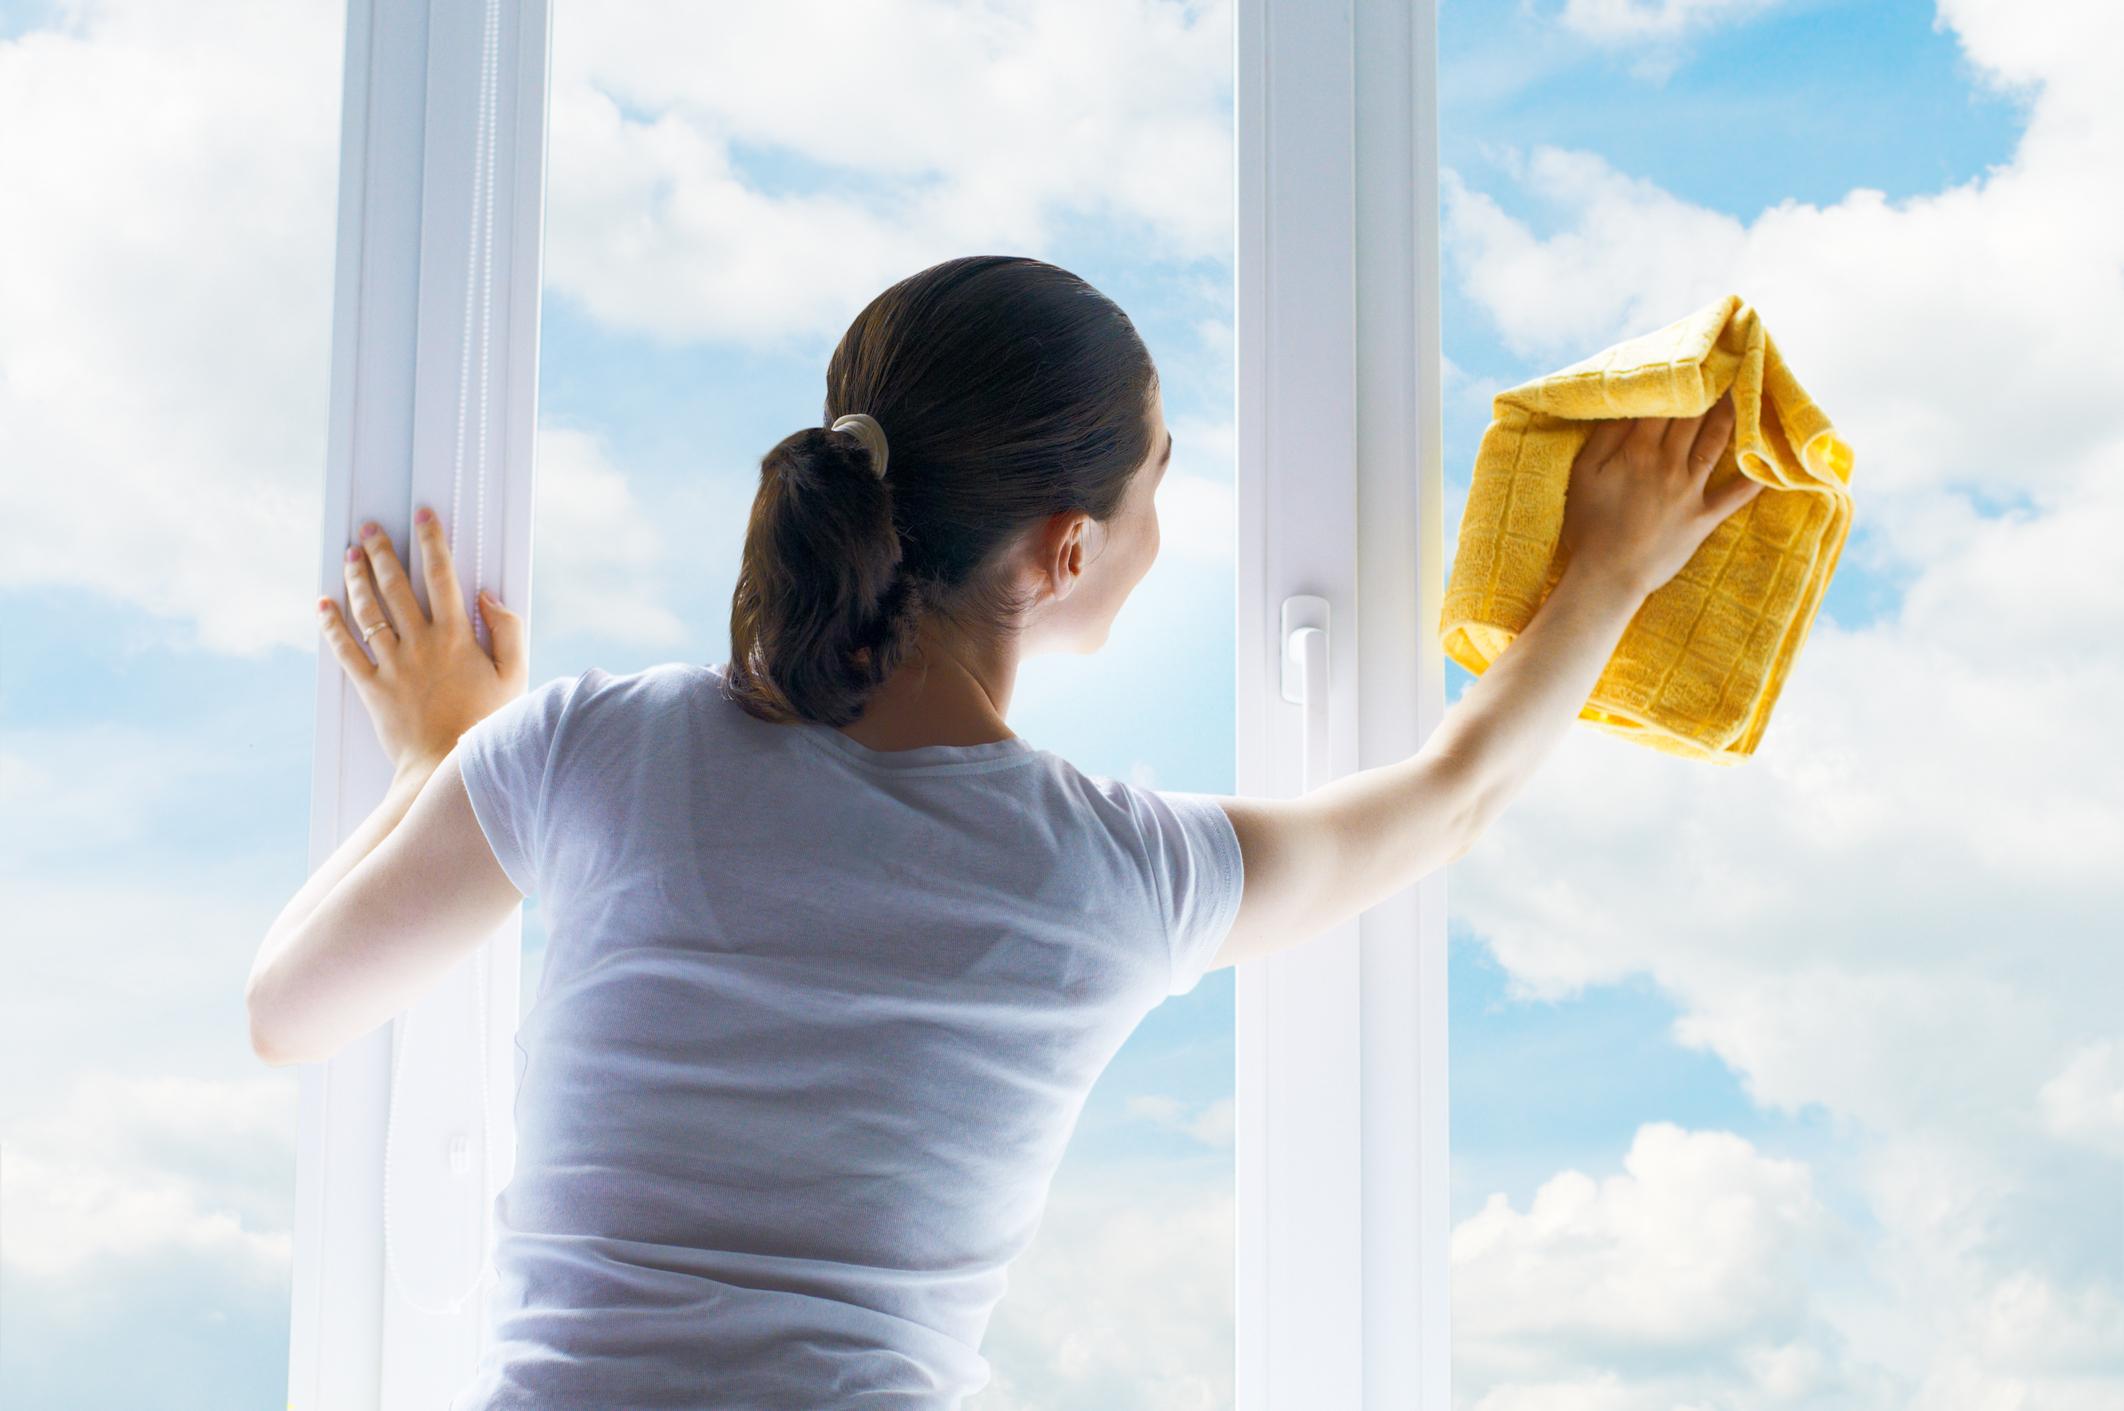 Gratis vinduspuss på kjøpet! - Husk, vi har vårkampanje og smeller til med gratis vinduspuss om du bestiller hushjelp nå! :)